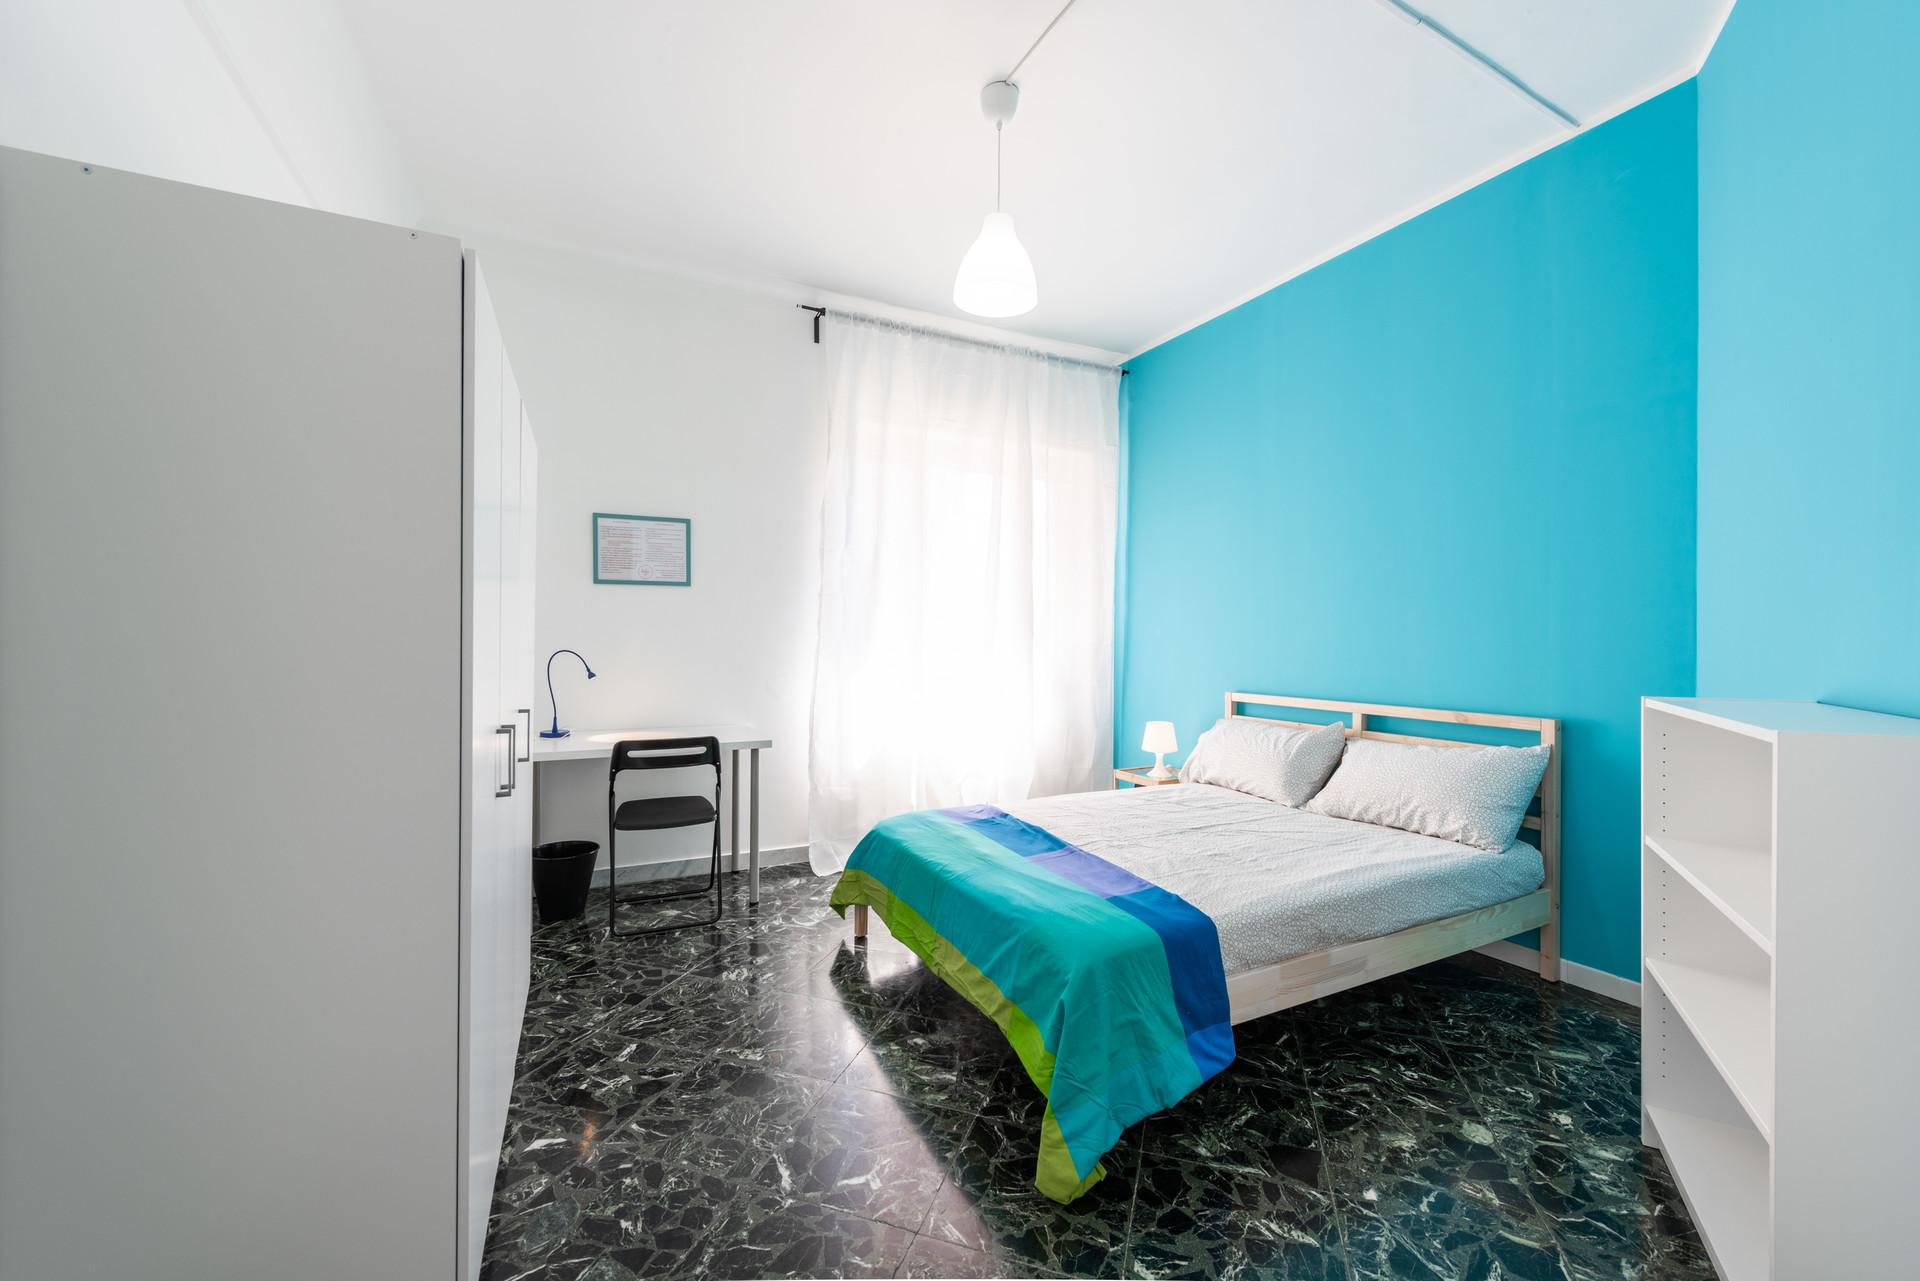 Via Dieta di Bari, 36, 70121 Bari BA, Italia